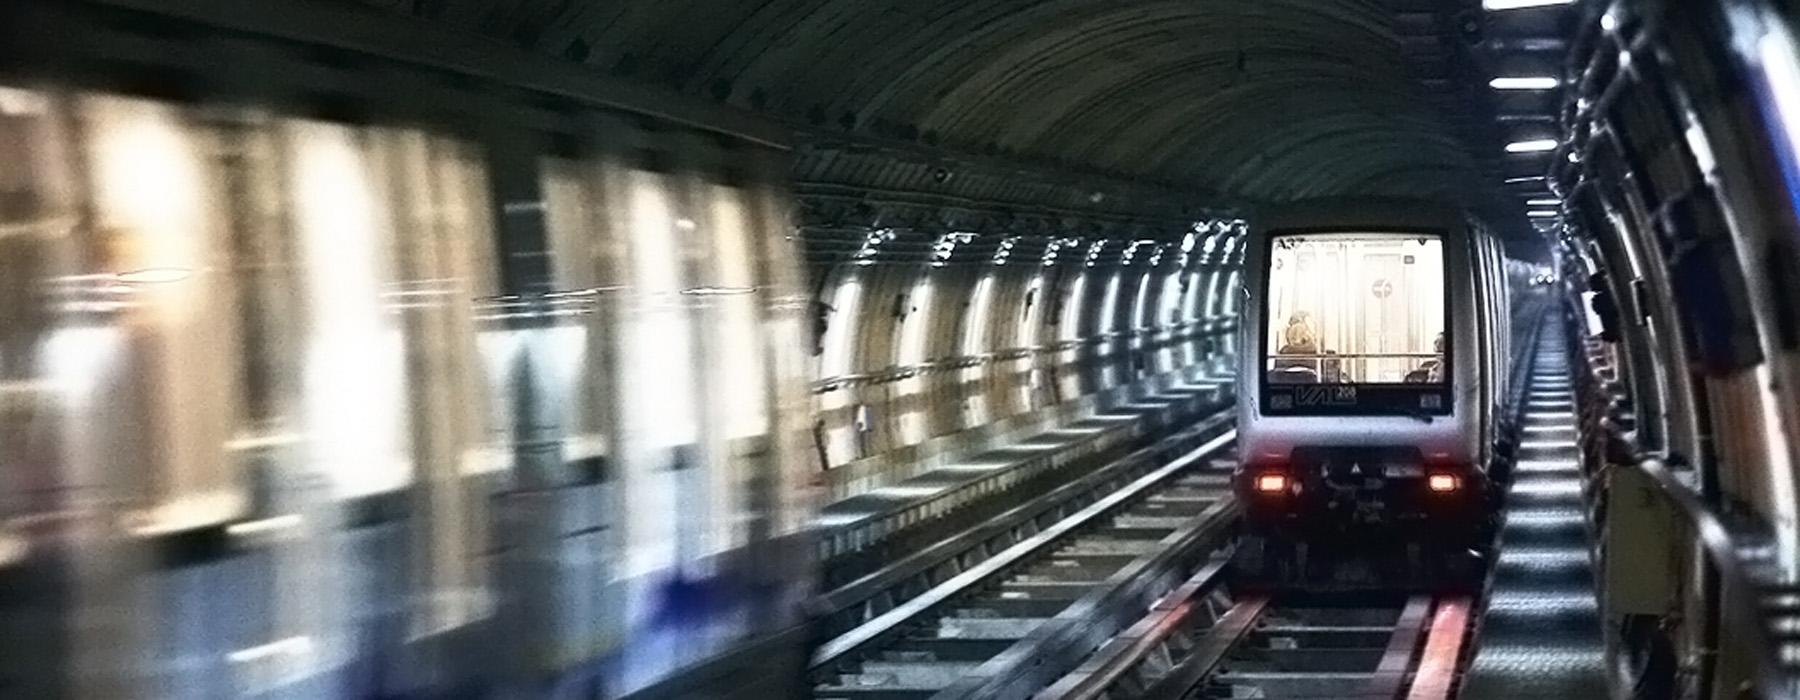 Immagine della metropolitana